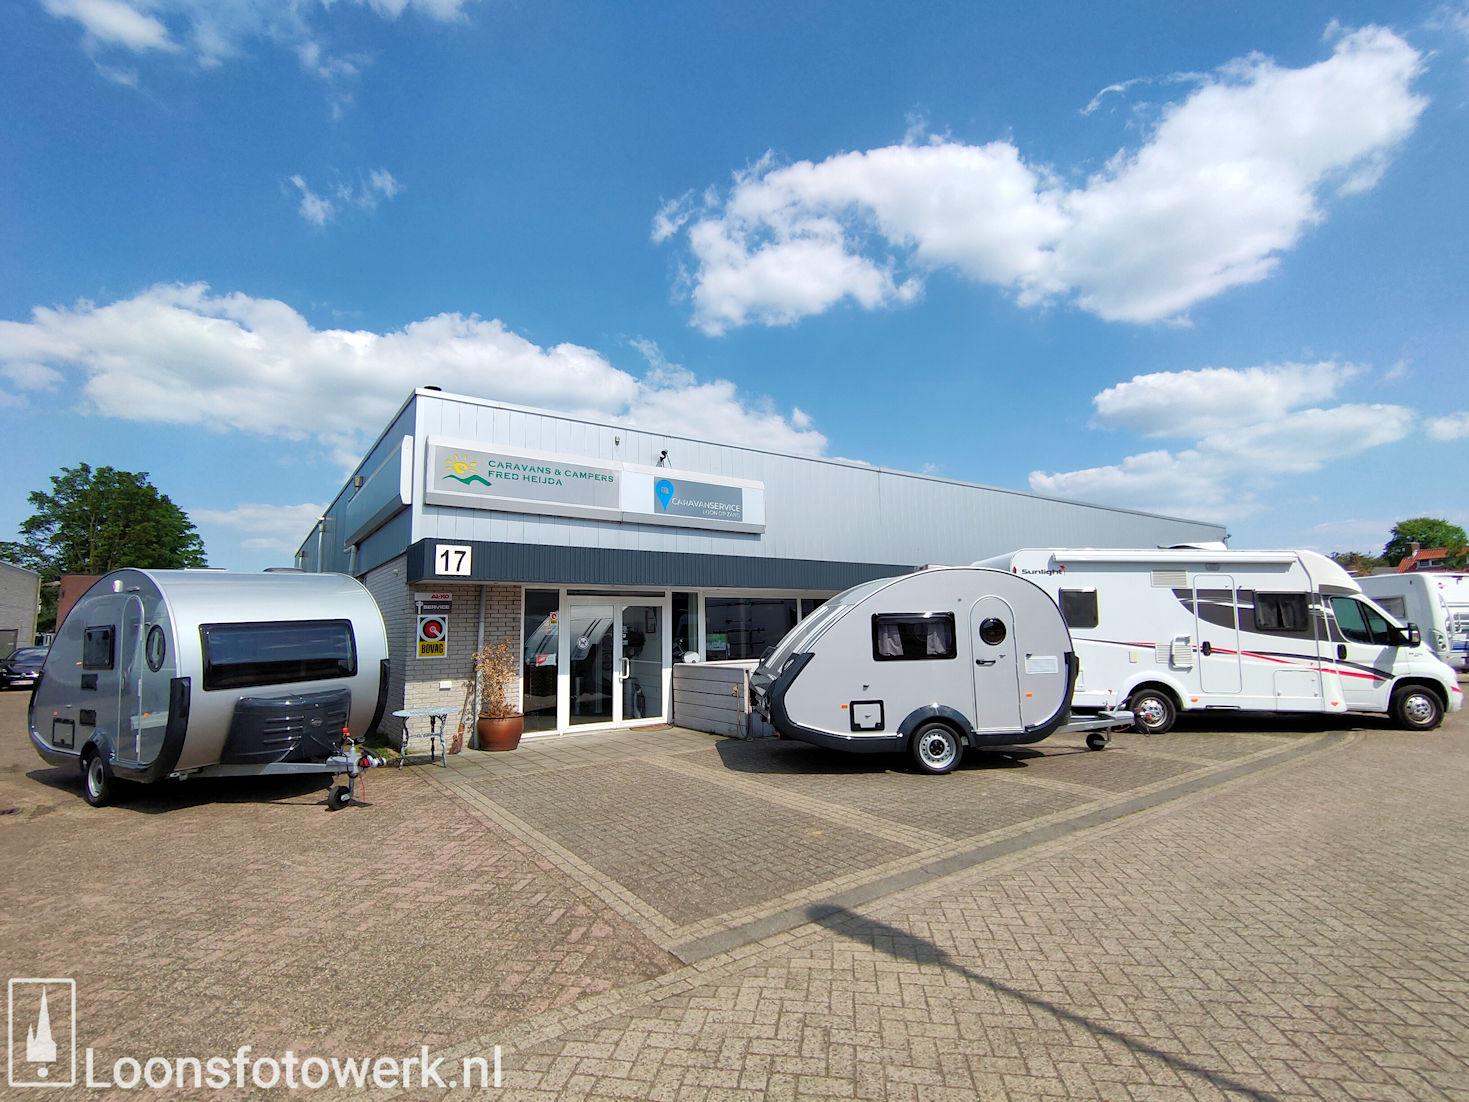 Fred Heijda Caravans & Campers 2